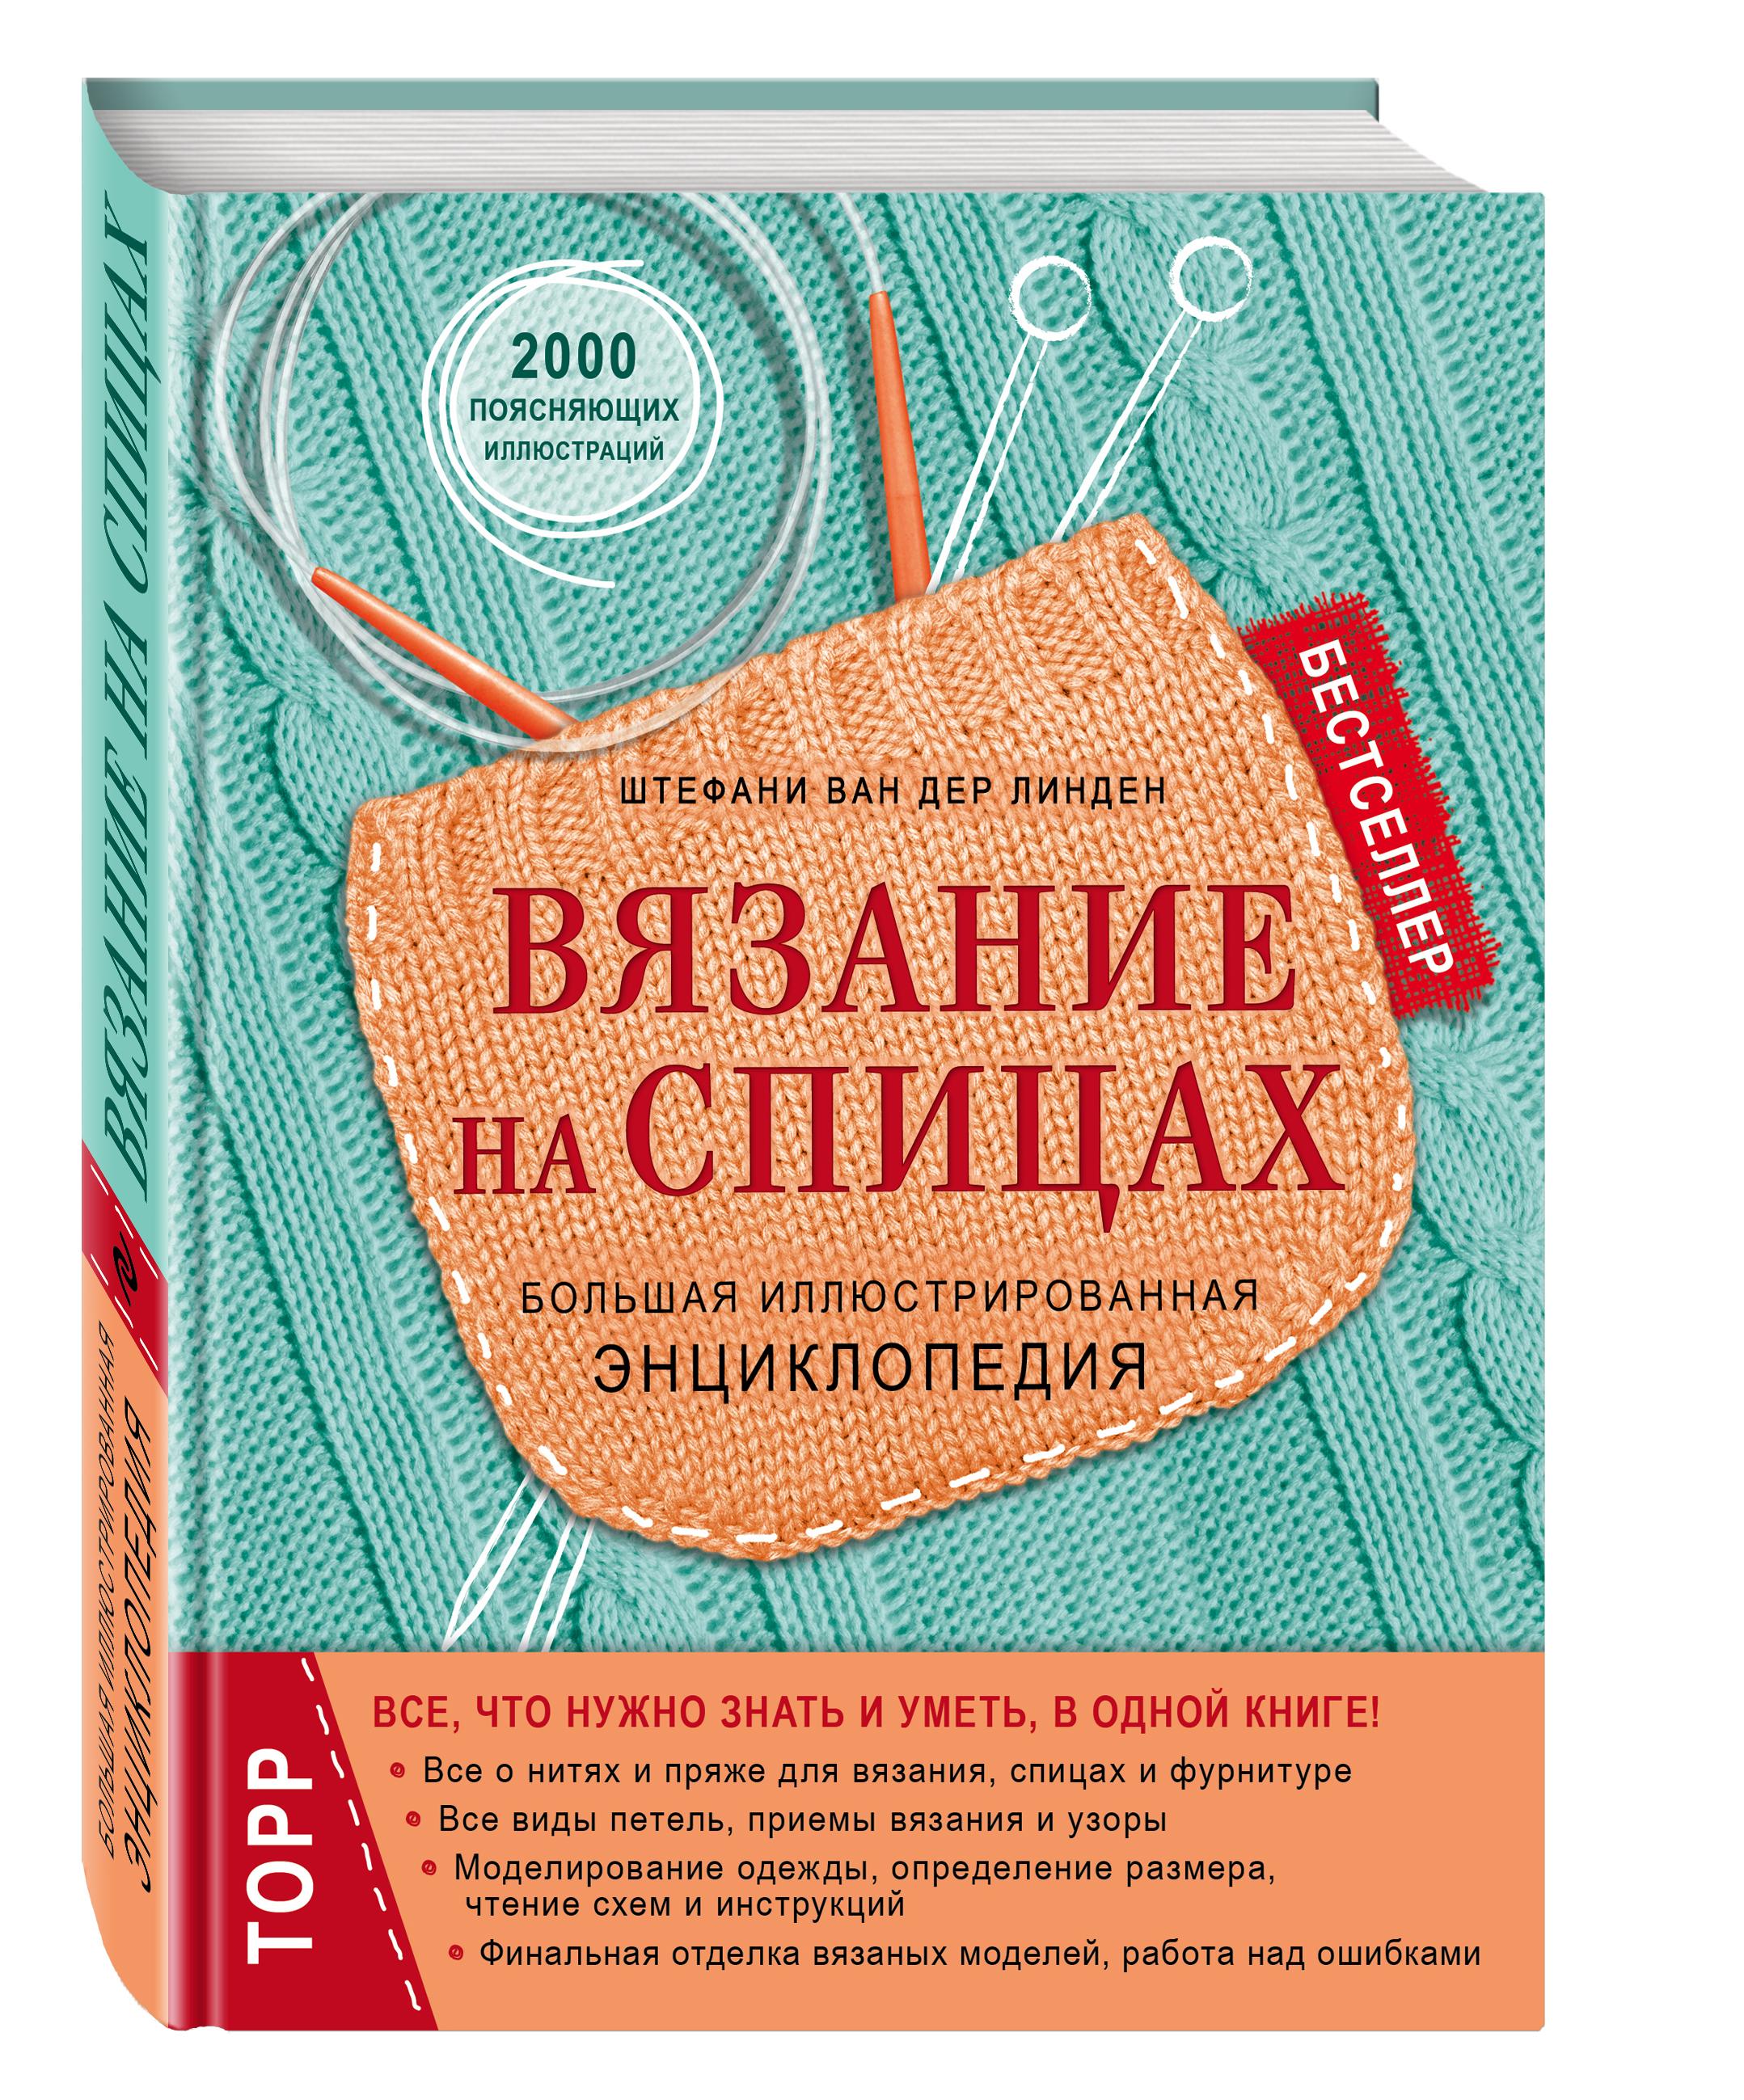 Купить со скидкой Вязание на спицах. Большая иллюстрированная энциклопедия (новое оформление)